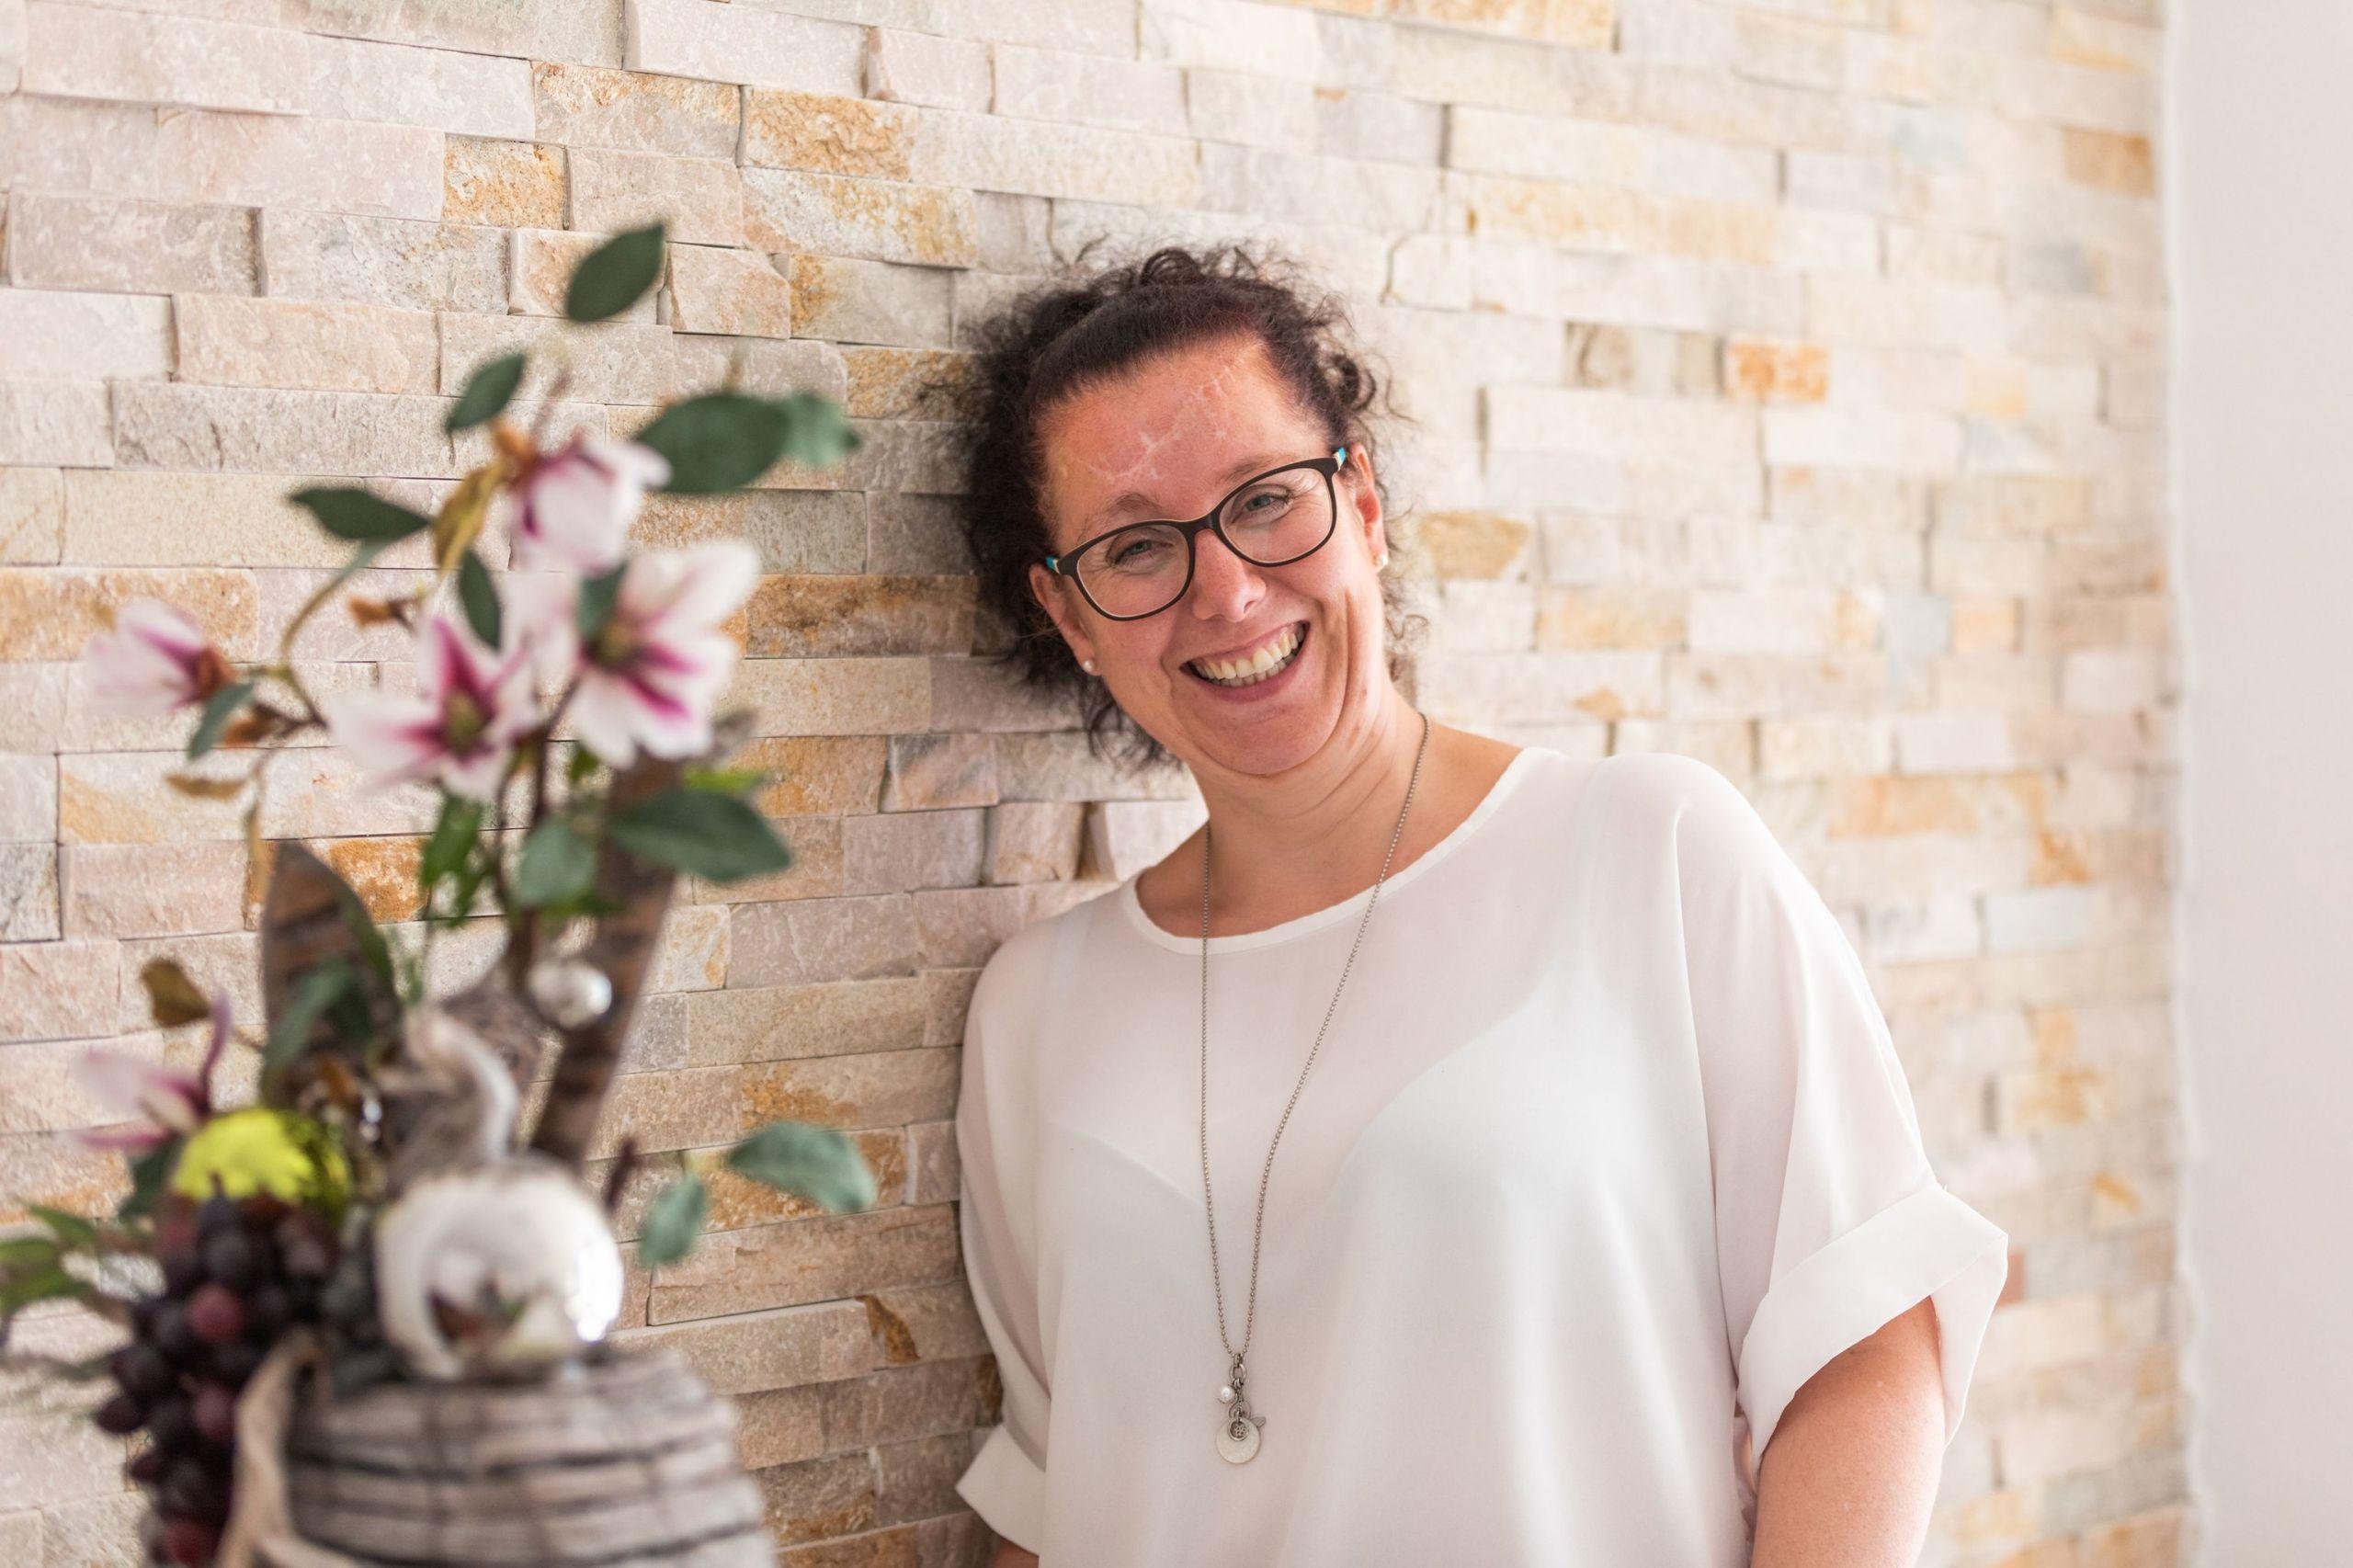 Andrea Schmalzl Gründerin Gratis Minikurs RelaxKids Entspannung, Familienglück, Lernstrategien, Stressprävention und Konzentration bei Kindern